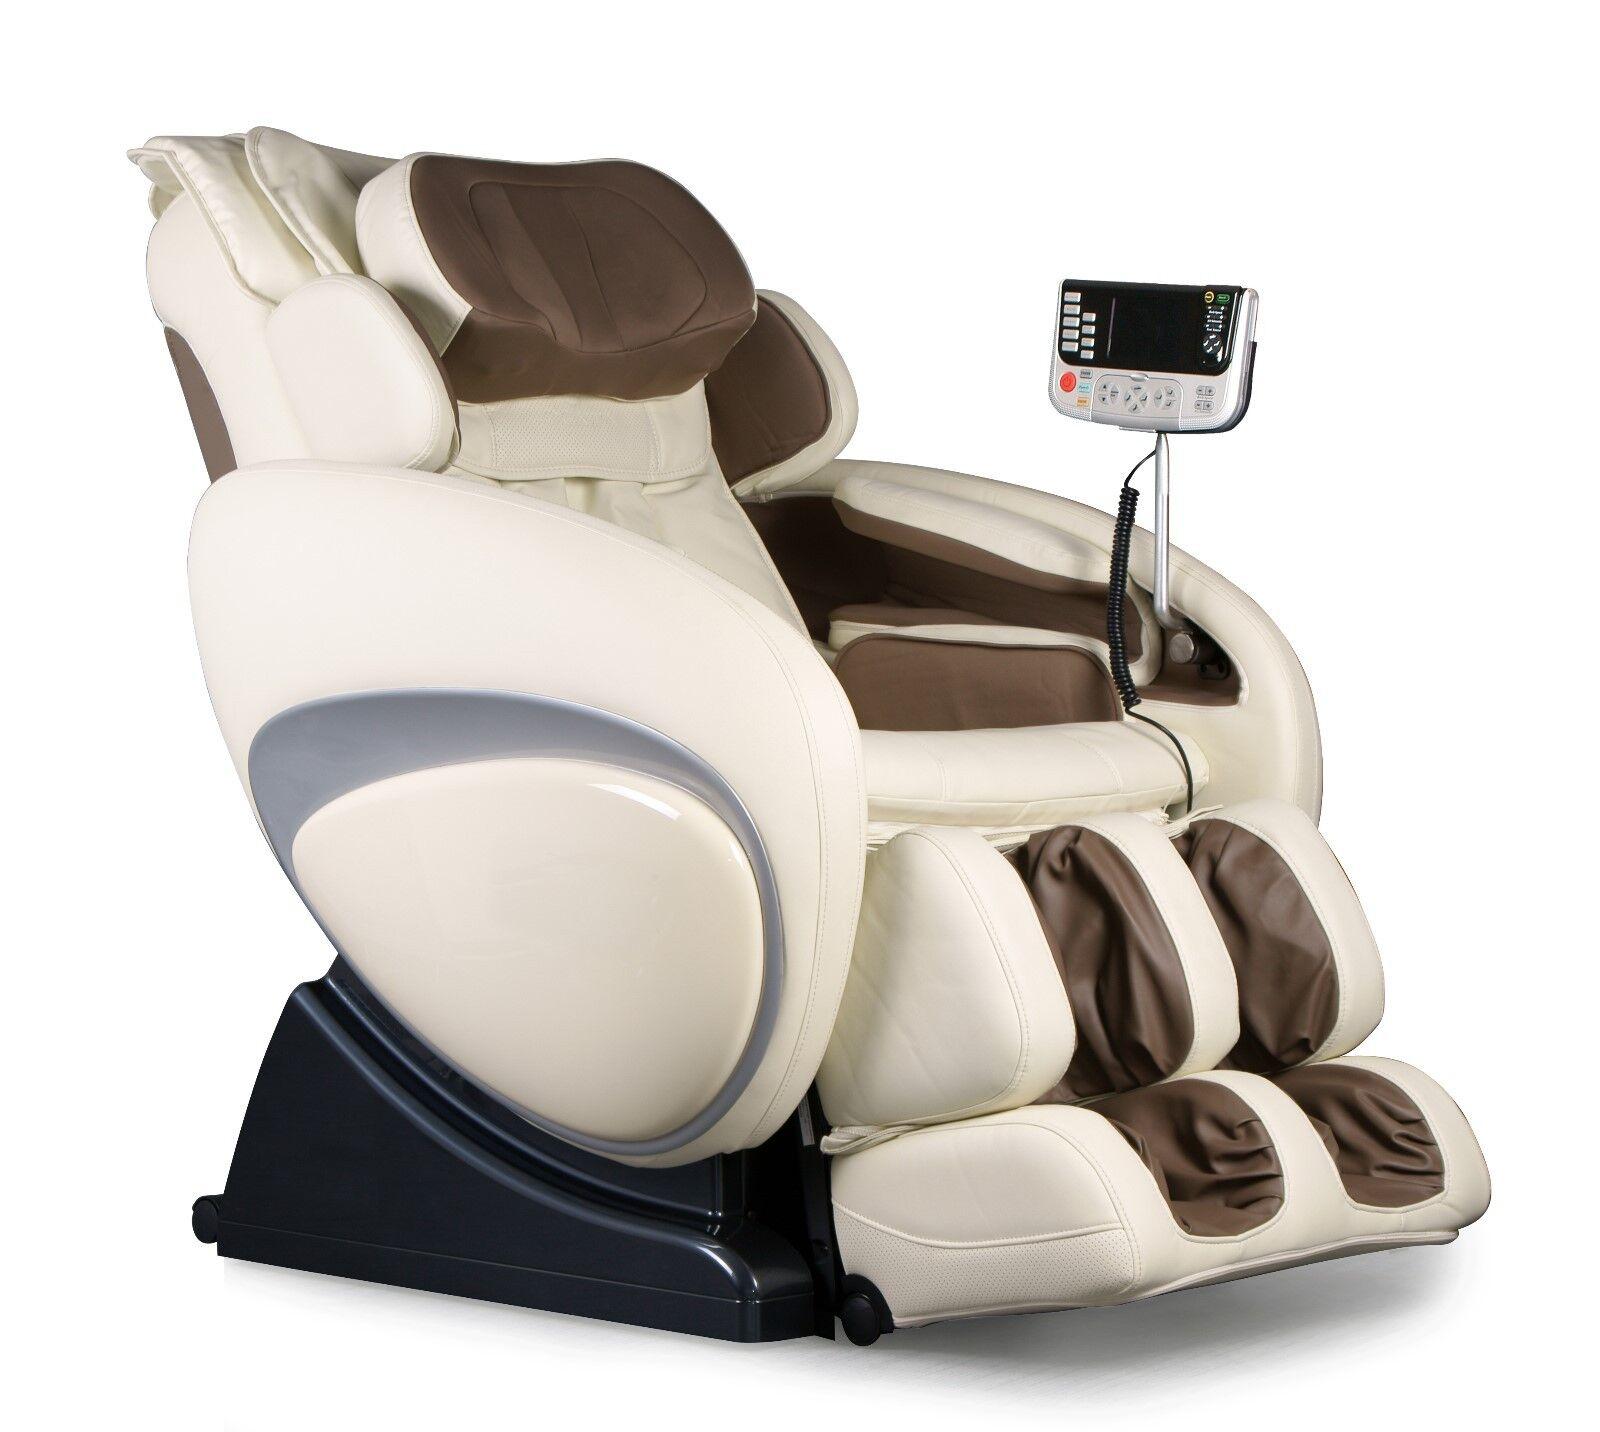 Cream Color Osaki Os 4000 Zero Gravity Massage Chair Recliner 4